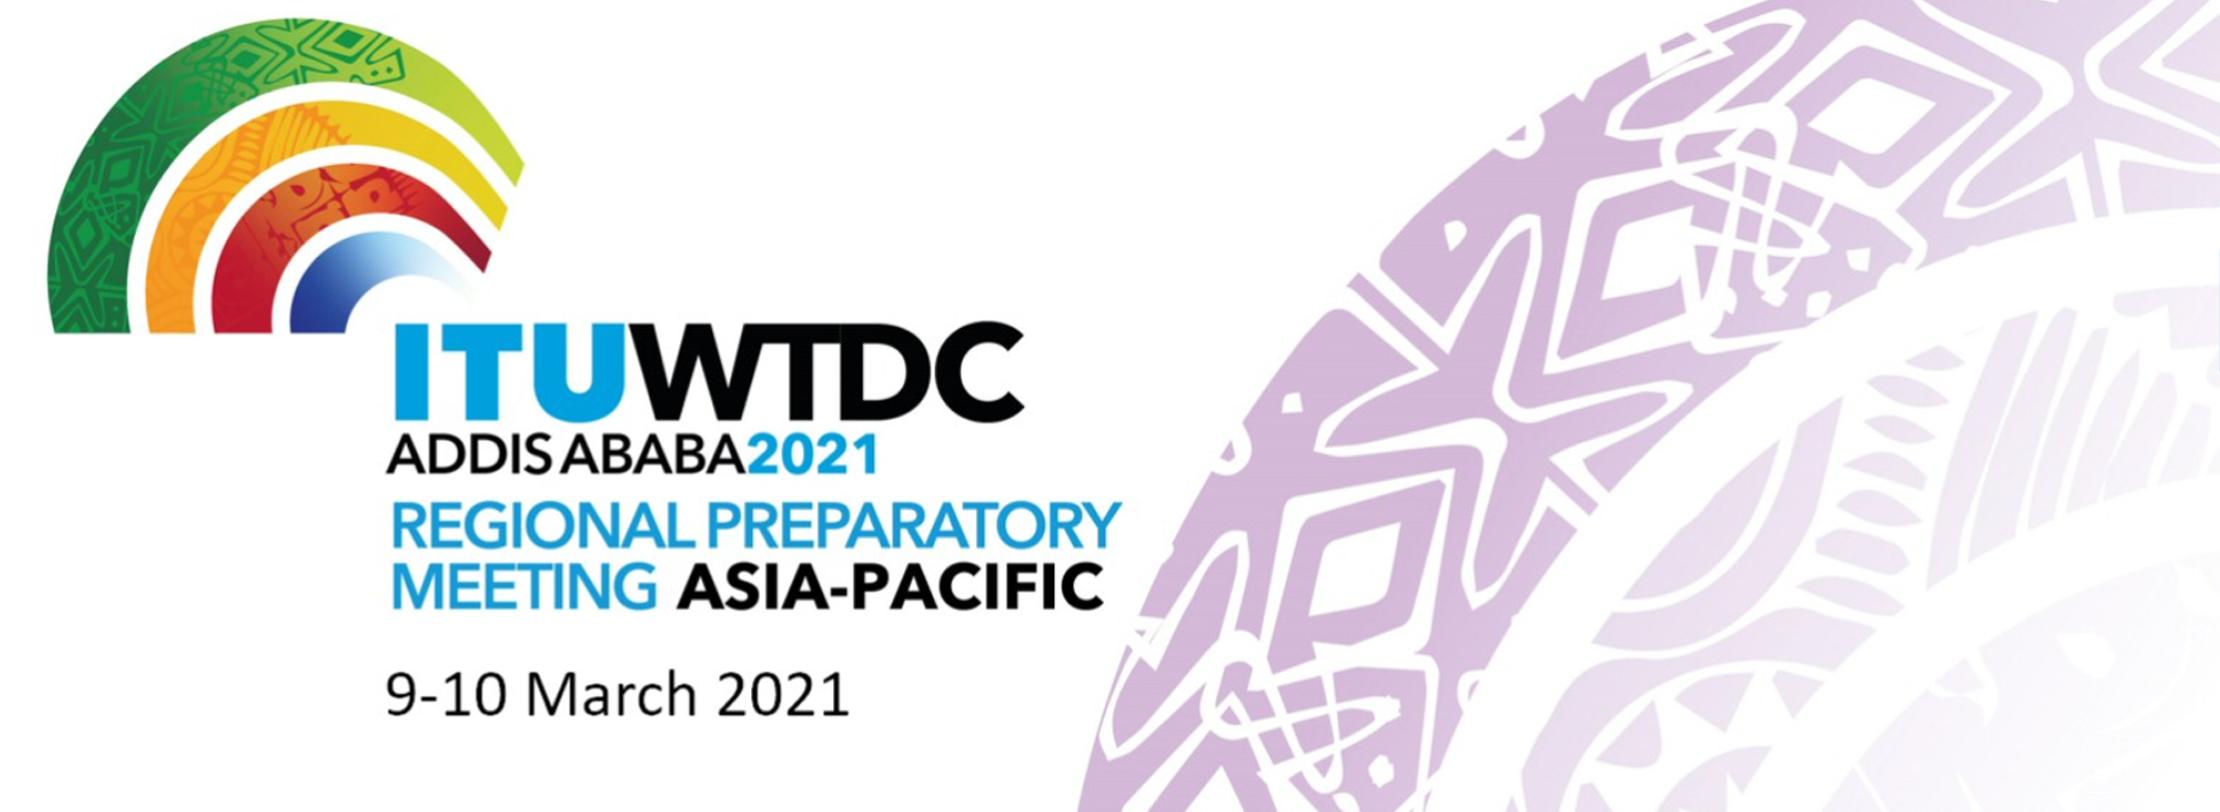 Event Wrap: ITU RPM-ASP WTDC-21